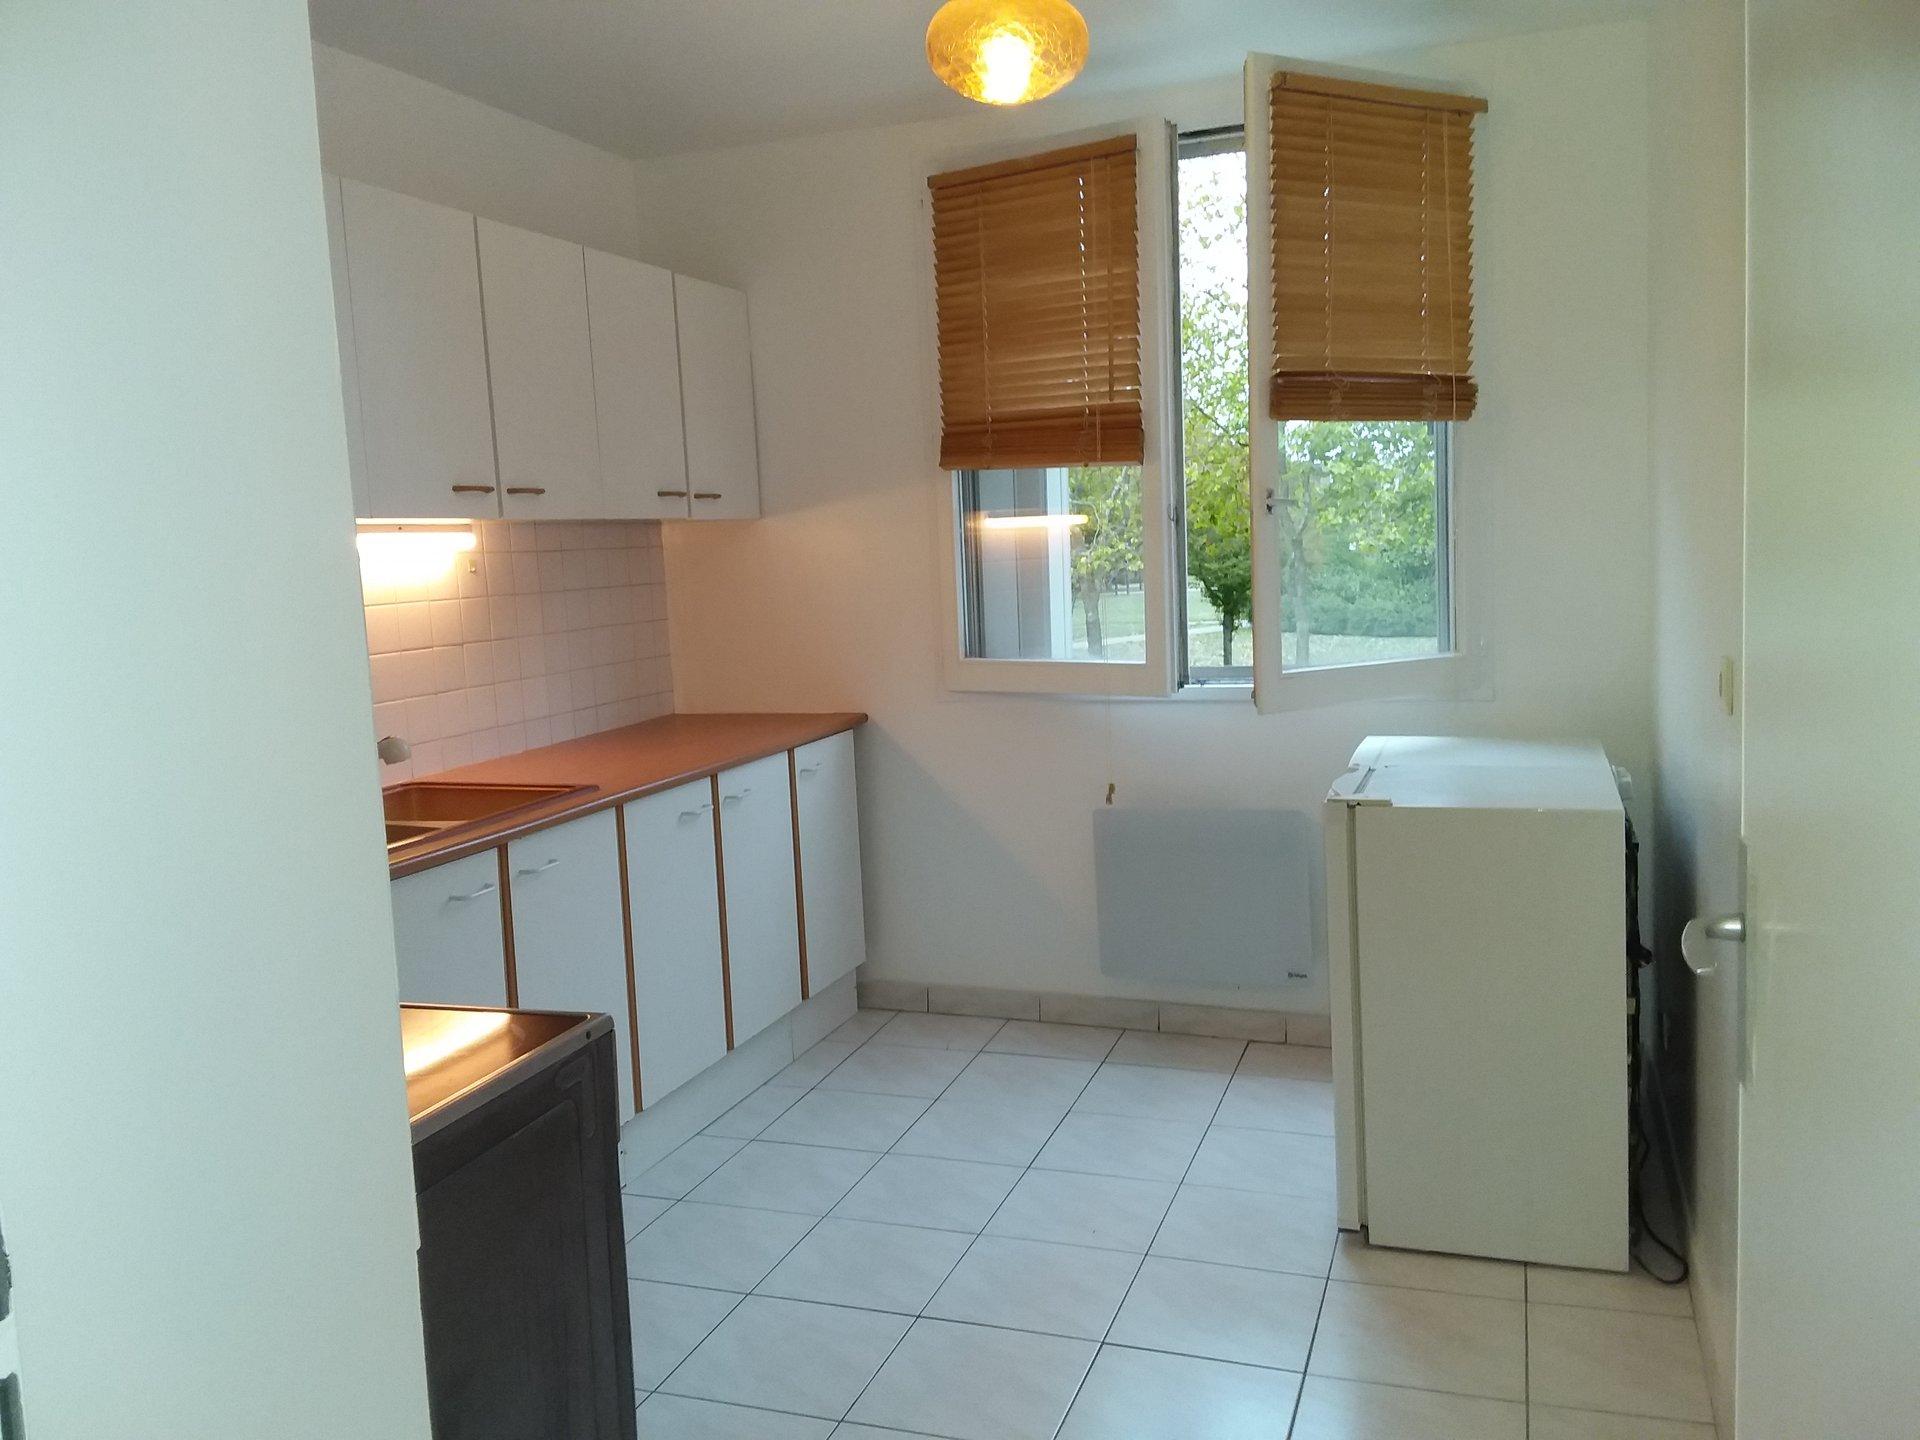 2 Pièces meublé de 56 m² avec balcon